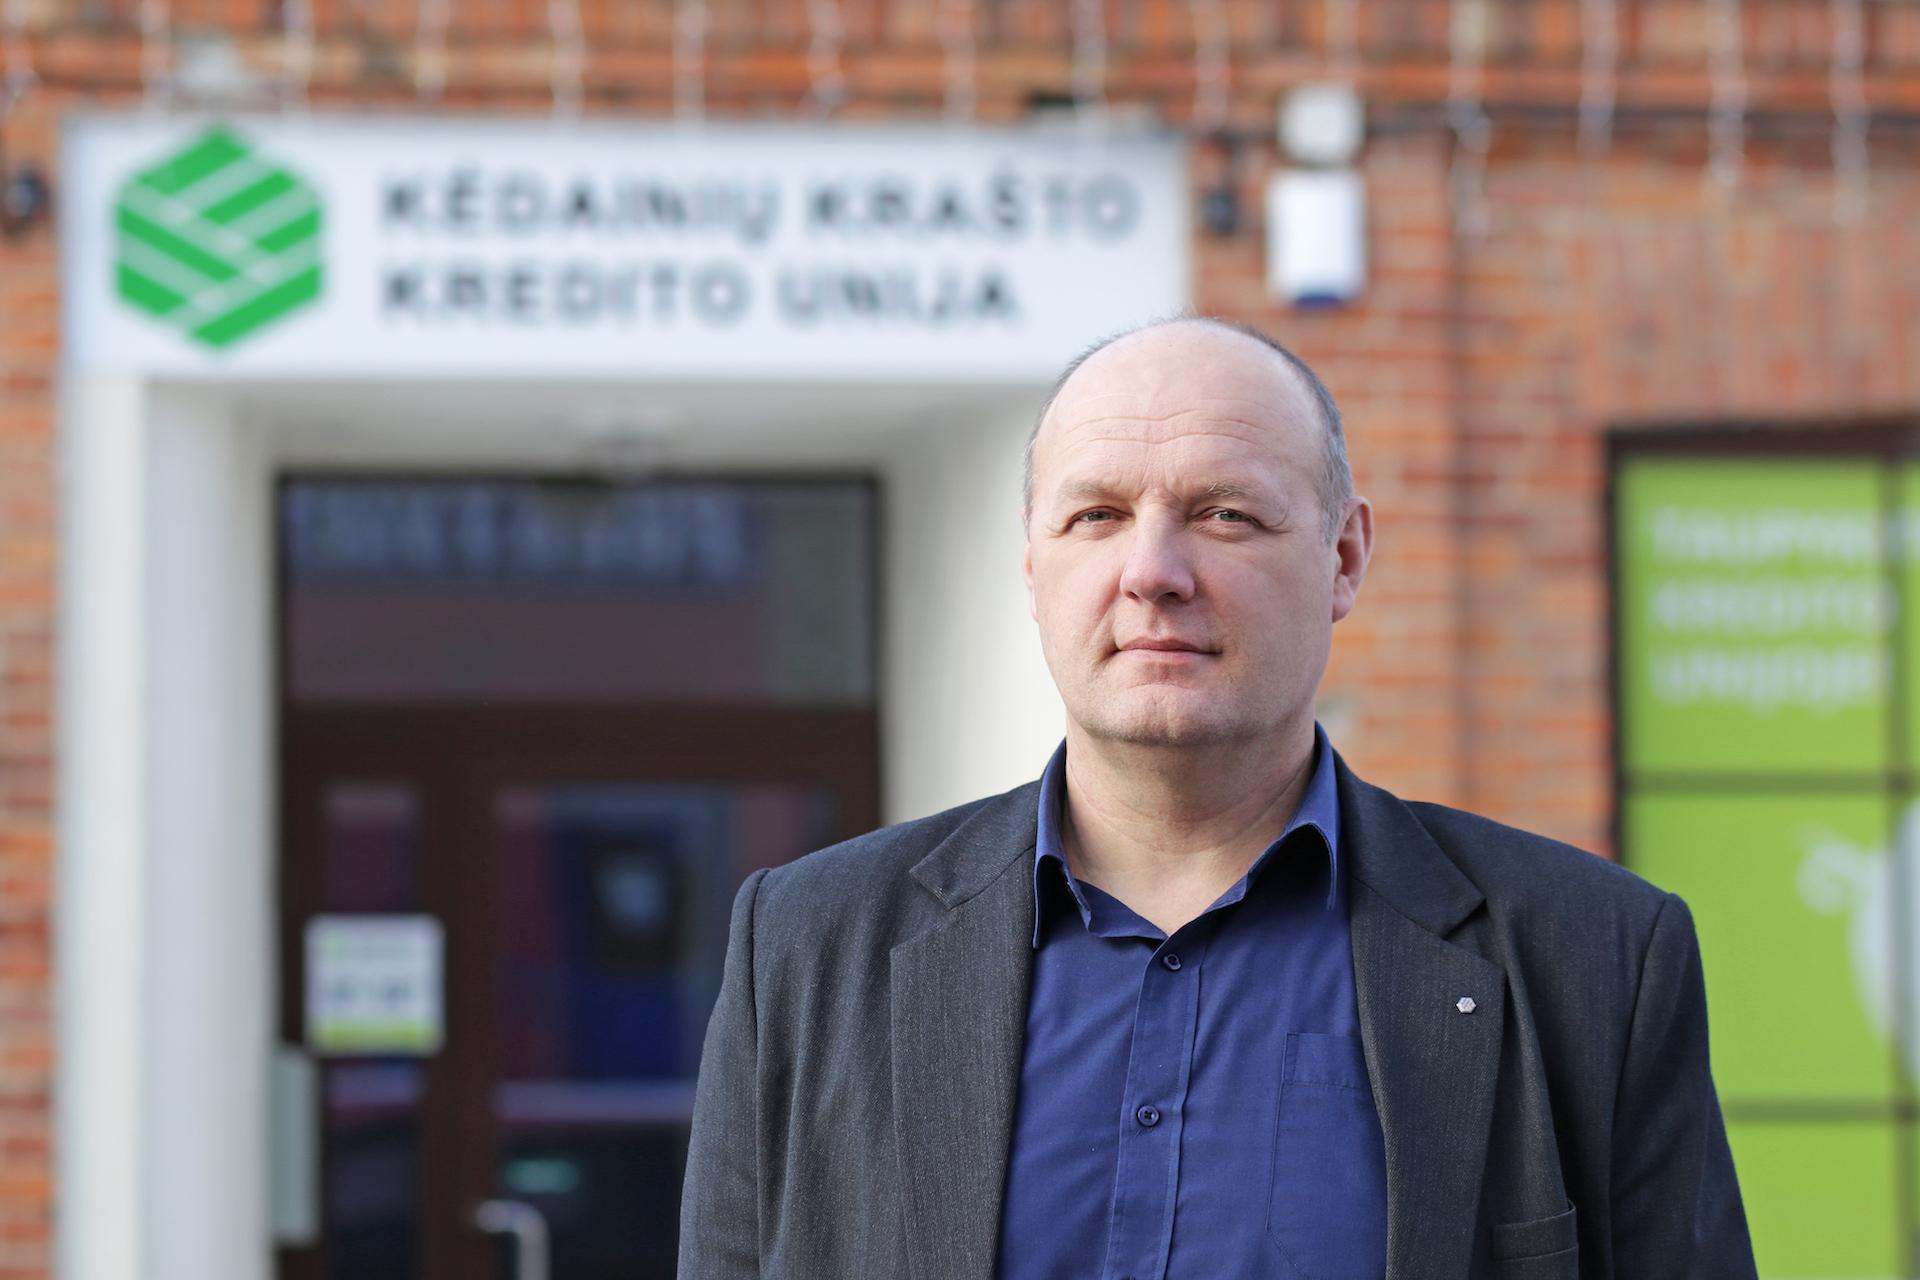 Kėdainių krašto kredito unijos administracijos vadovas Egidijus Žaltauskas.